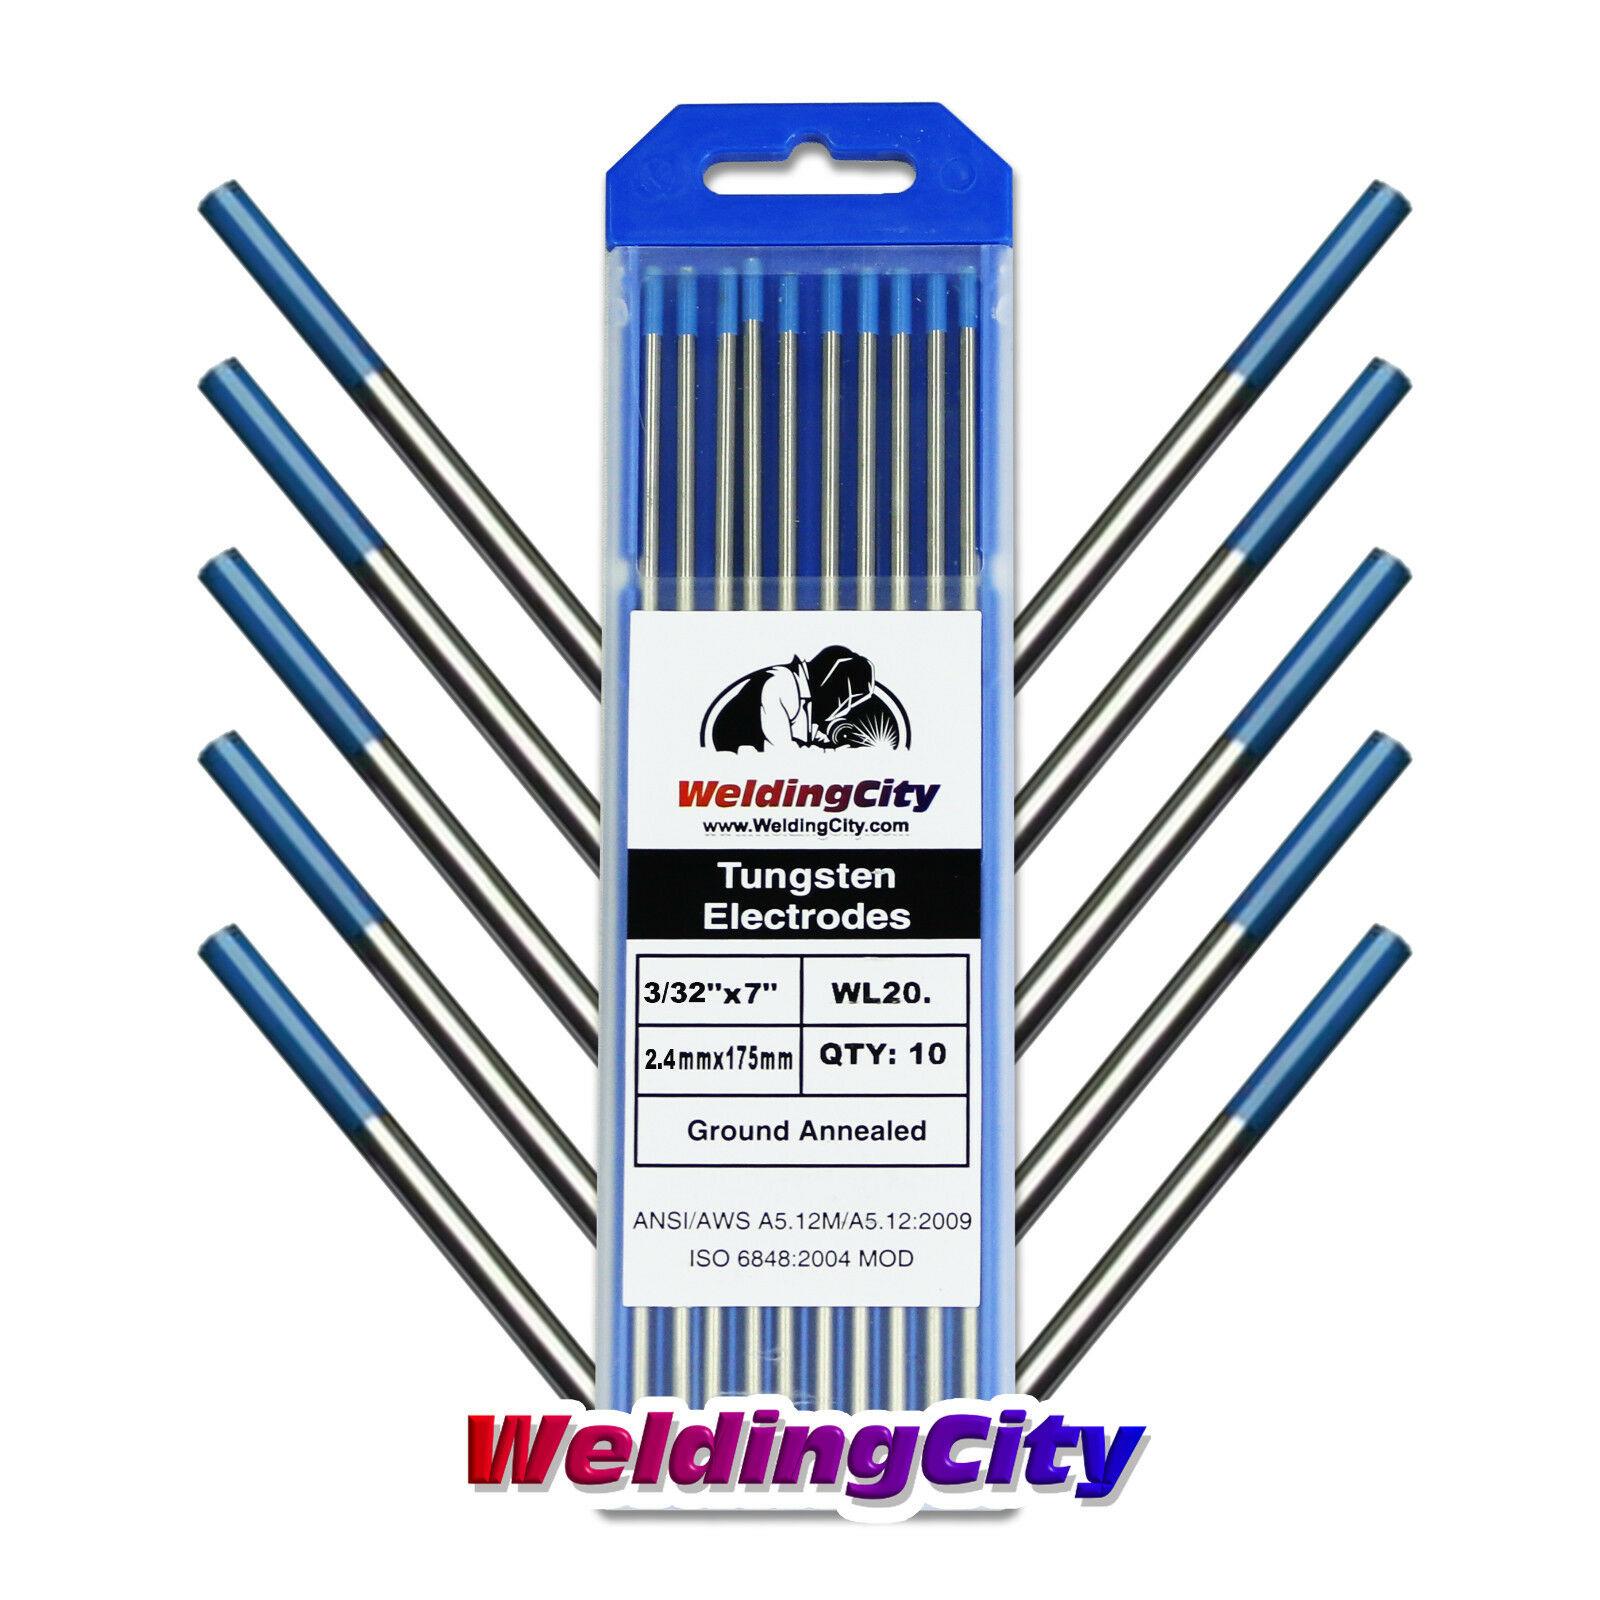 Маркировка вольфрамовых электродов для аргонодуговой сварки по цветам